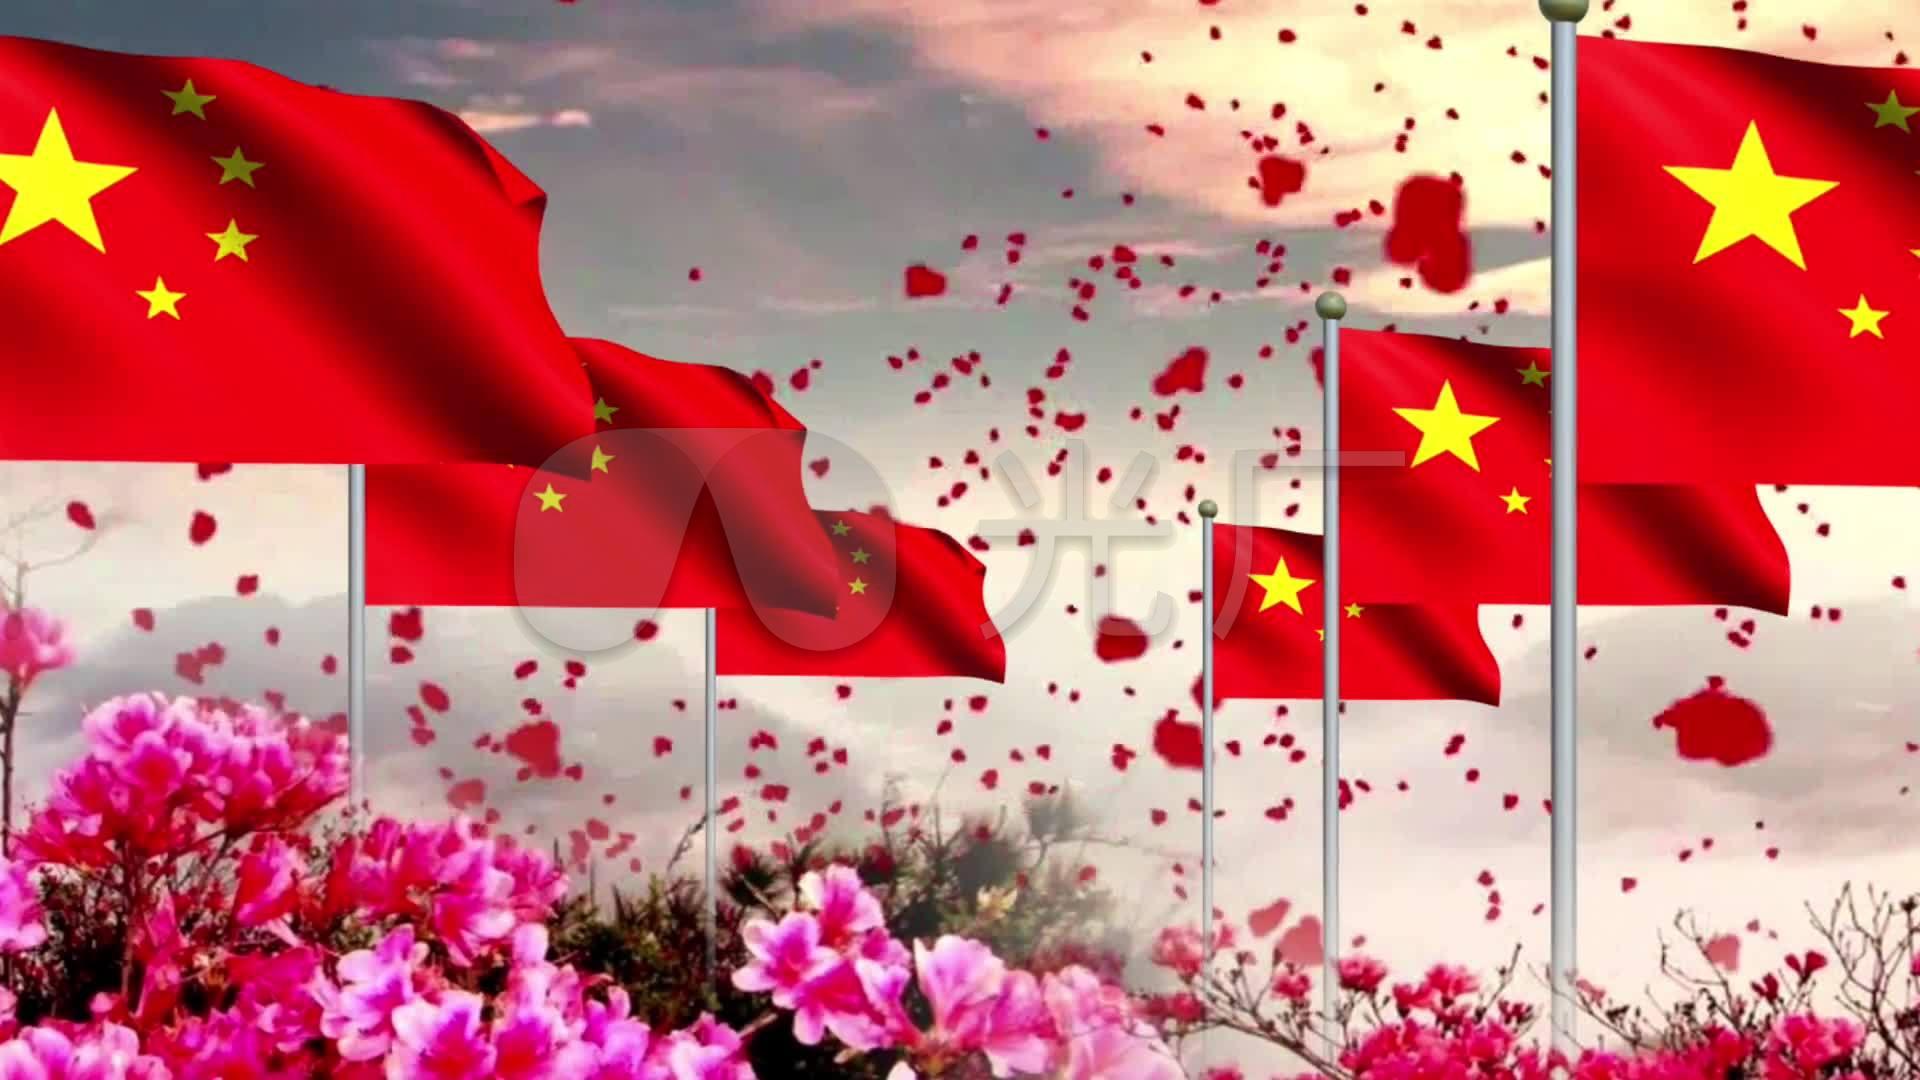 红色经典歌曲革命歌曲配乐中央红军_1920X1